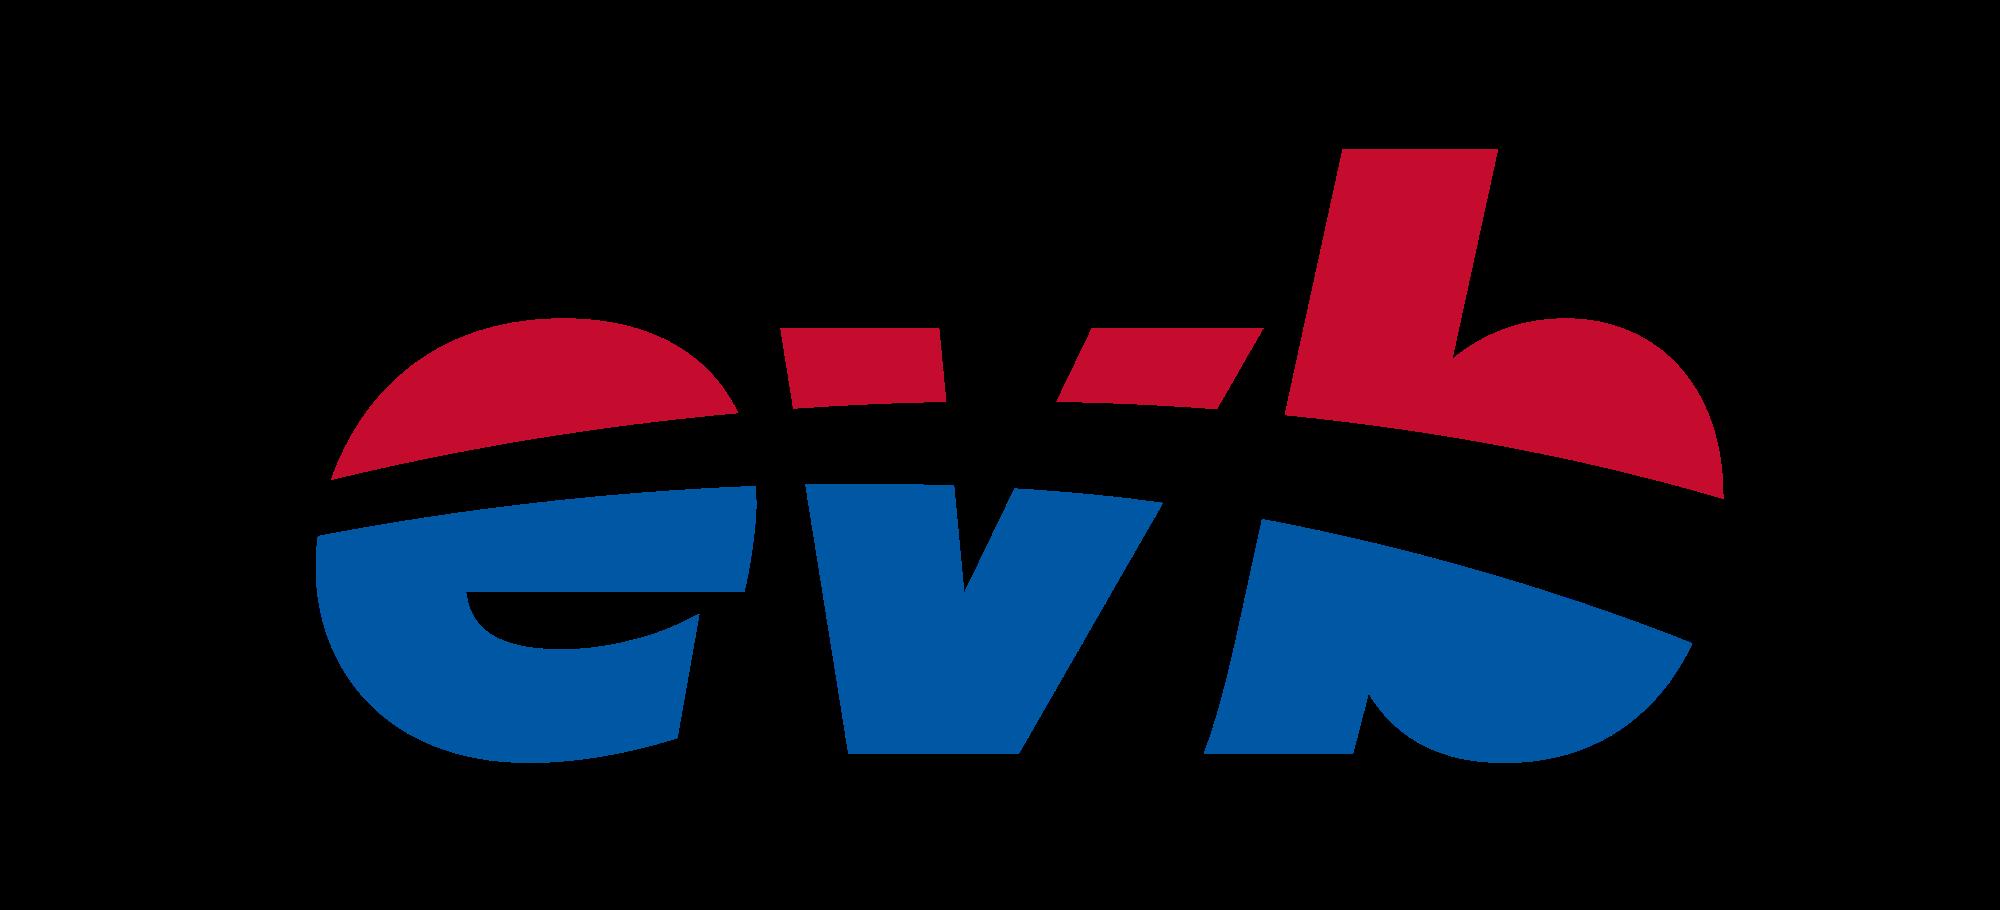 Elbe Weser Bahn